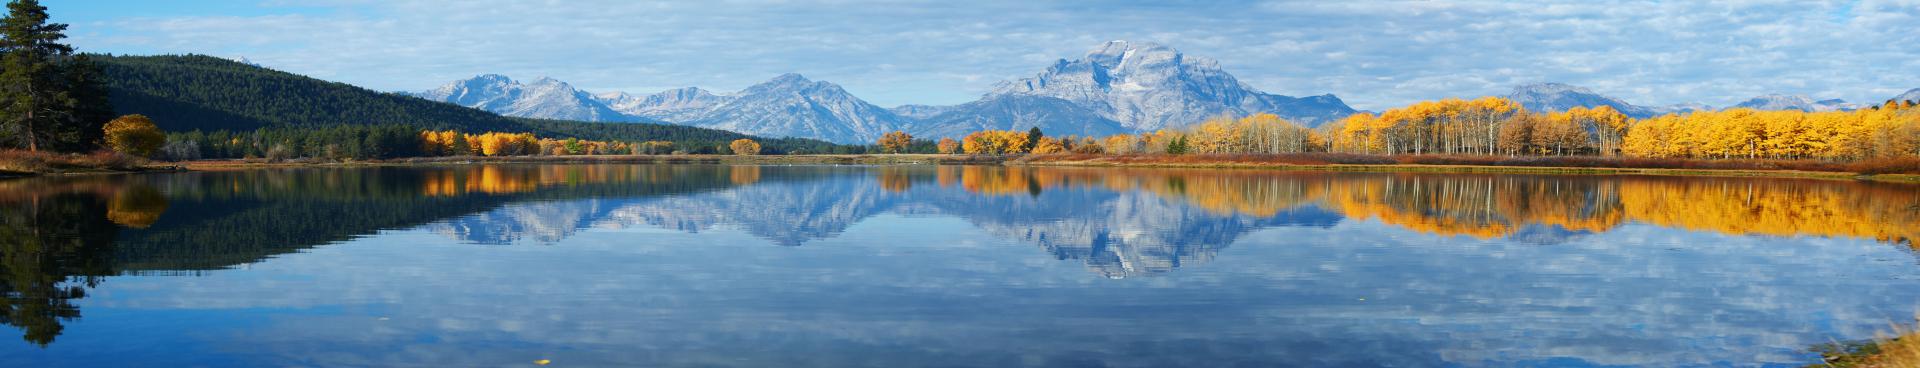 Wyoming resized